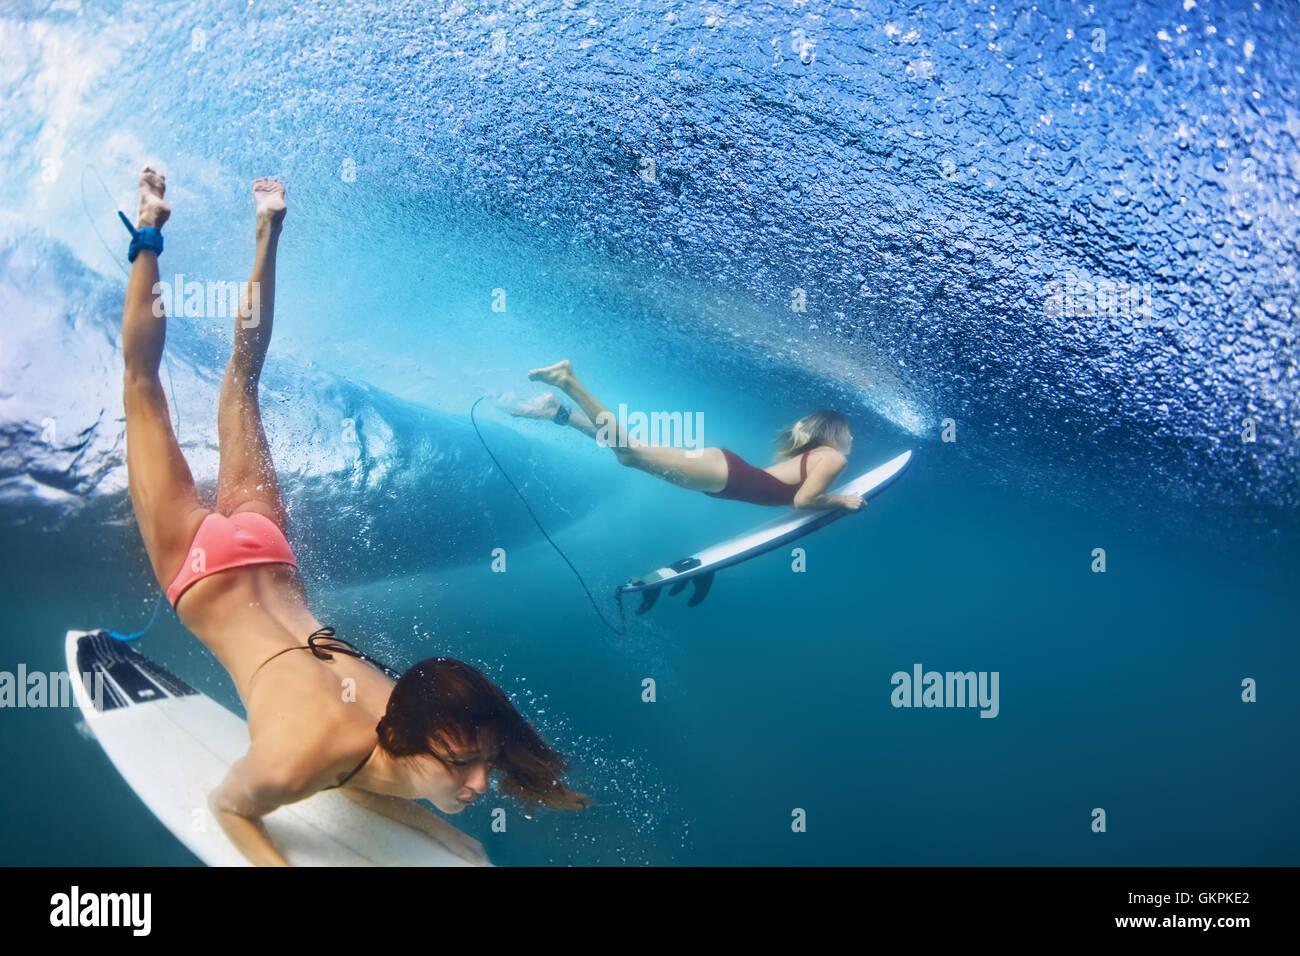 Filles en bikini active en action - surfers avec planche de surf sous-marine Plongée en vertu de briser grand Photo Stock